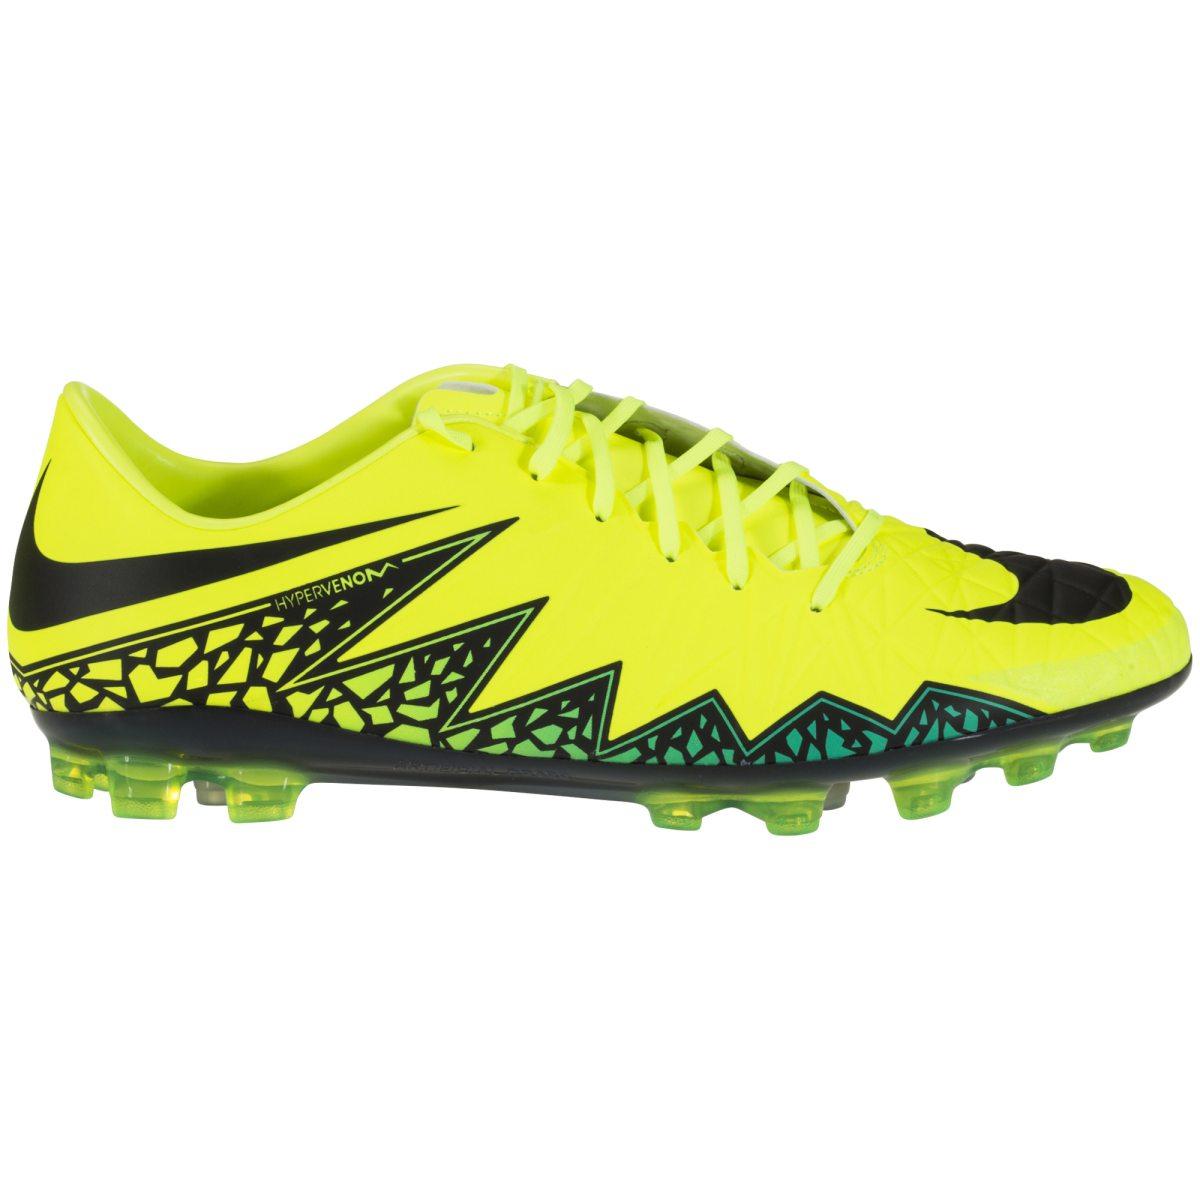 new concept 9ffb8 47ba8 nike hypervenom phatal ii ag r fotbollssko senior fotbollsskor